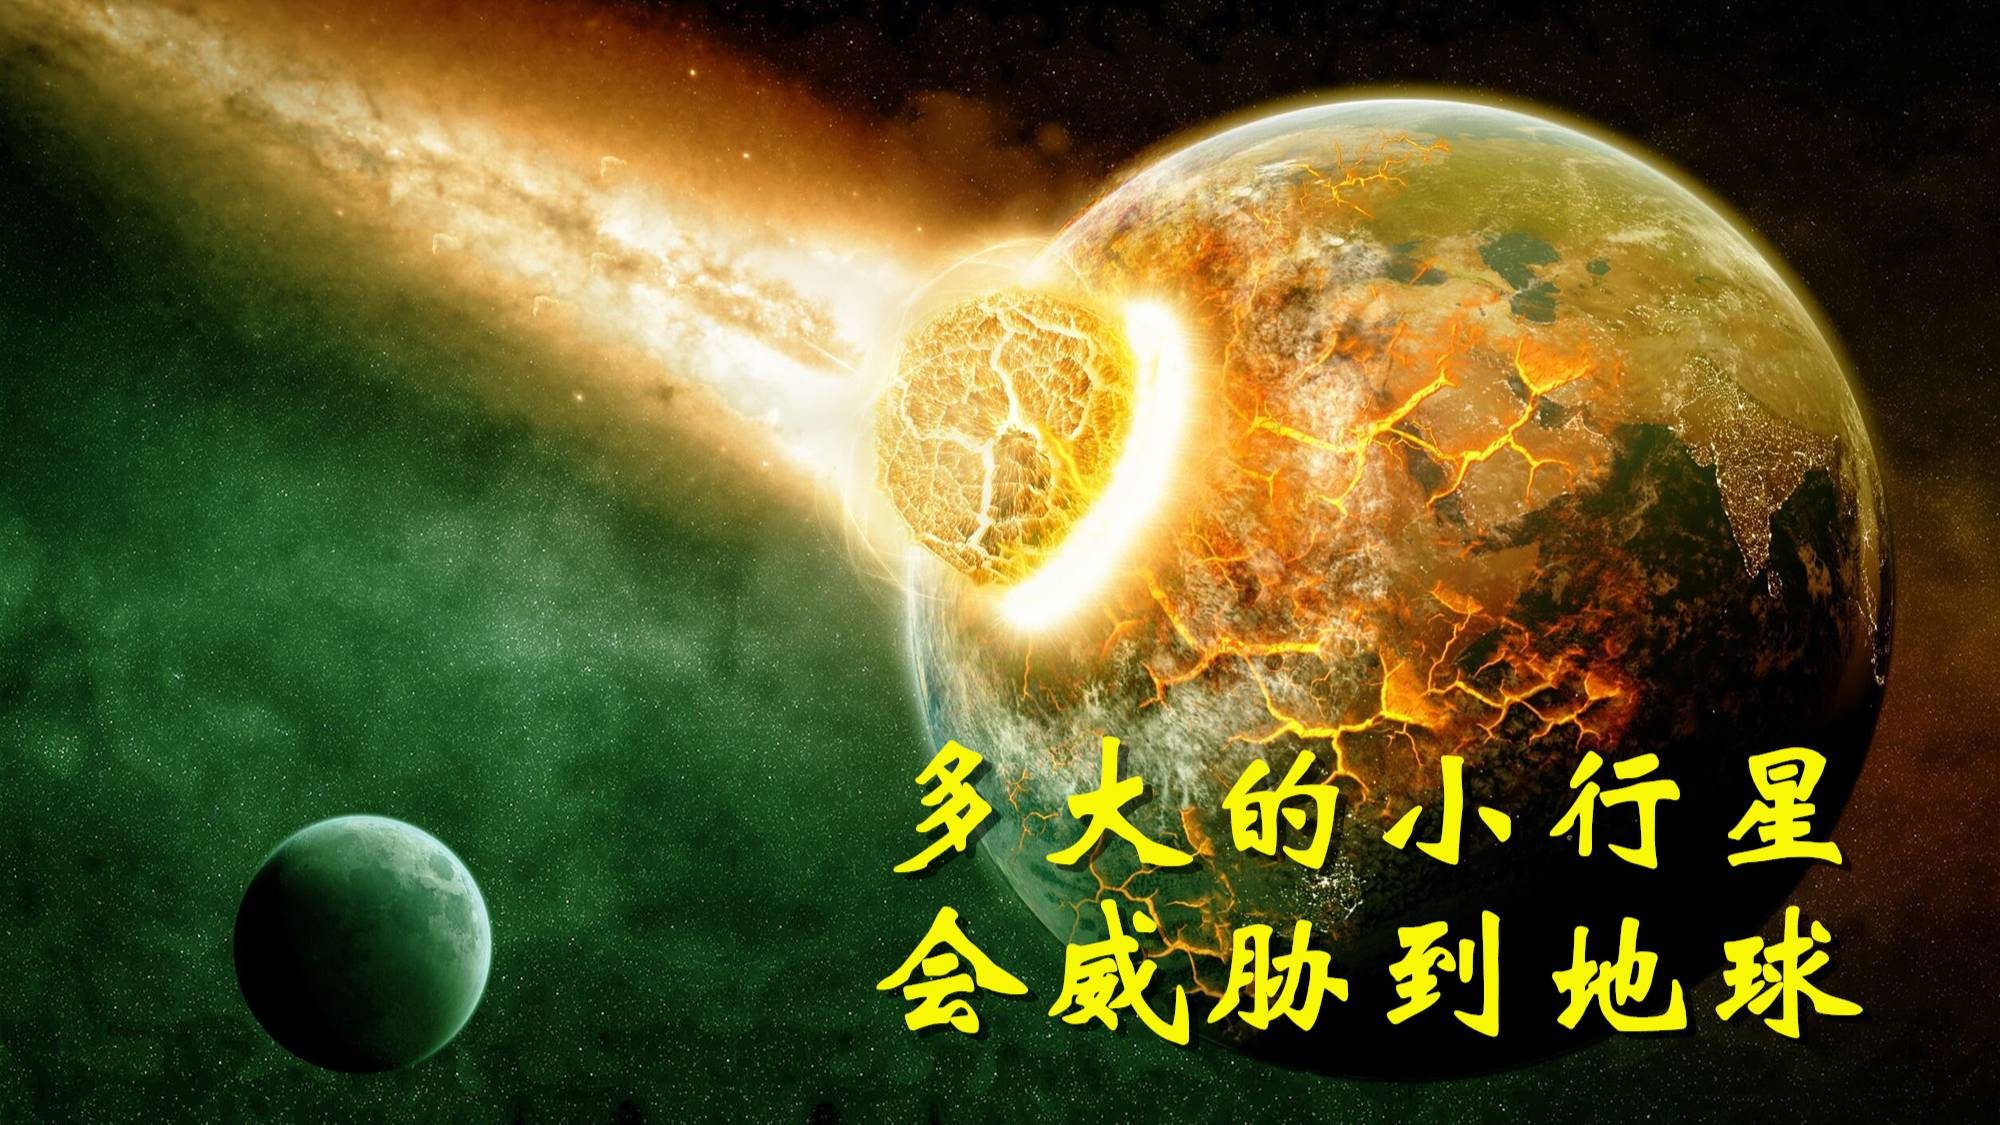 小行星多大才会对地球造成影响,假如小行星撞击地球,会发生什么